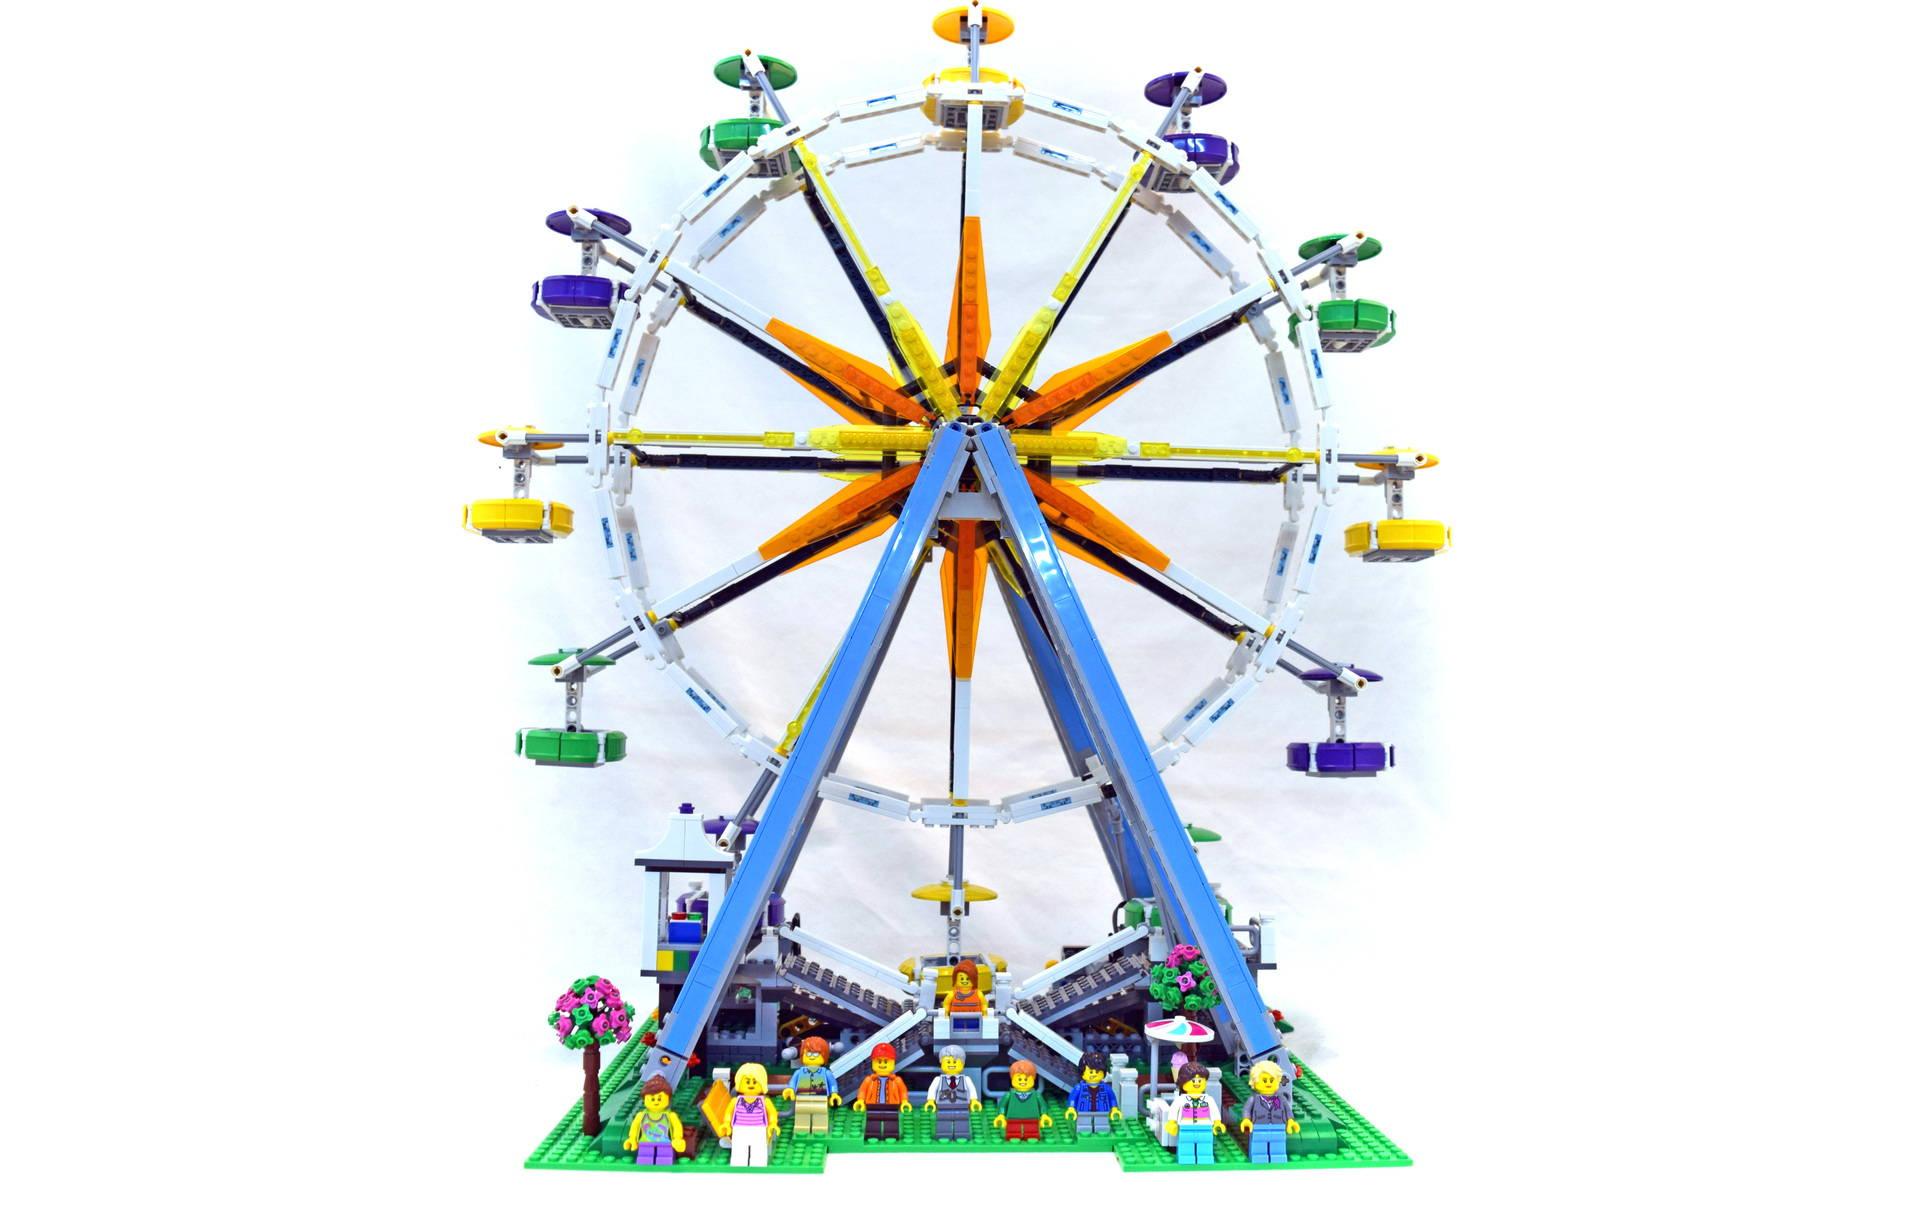 LEGO FERRIS WHEEL 10247